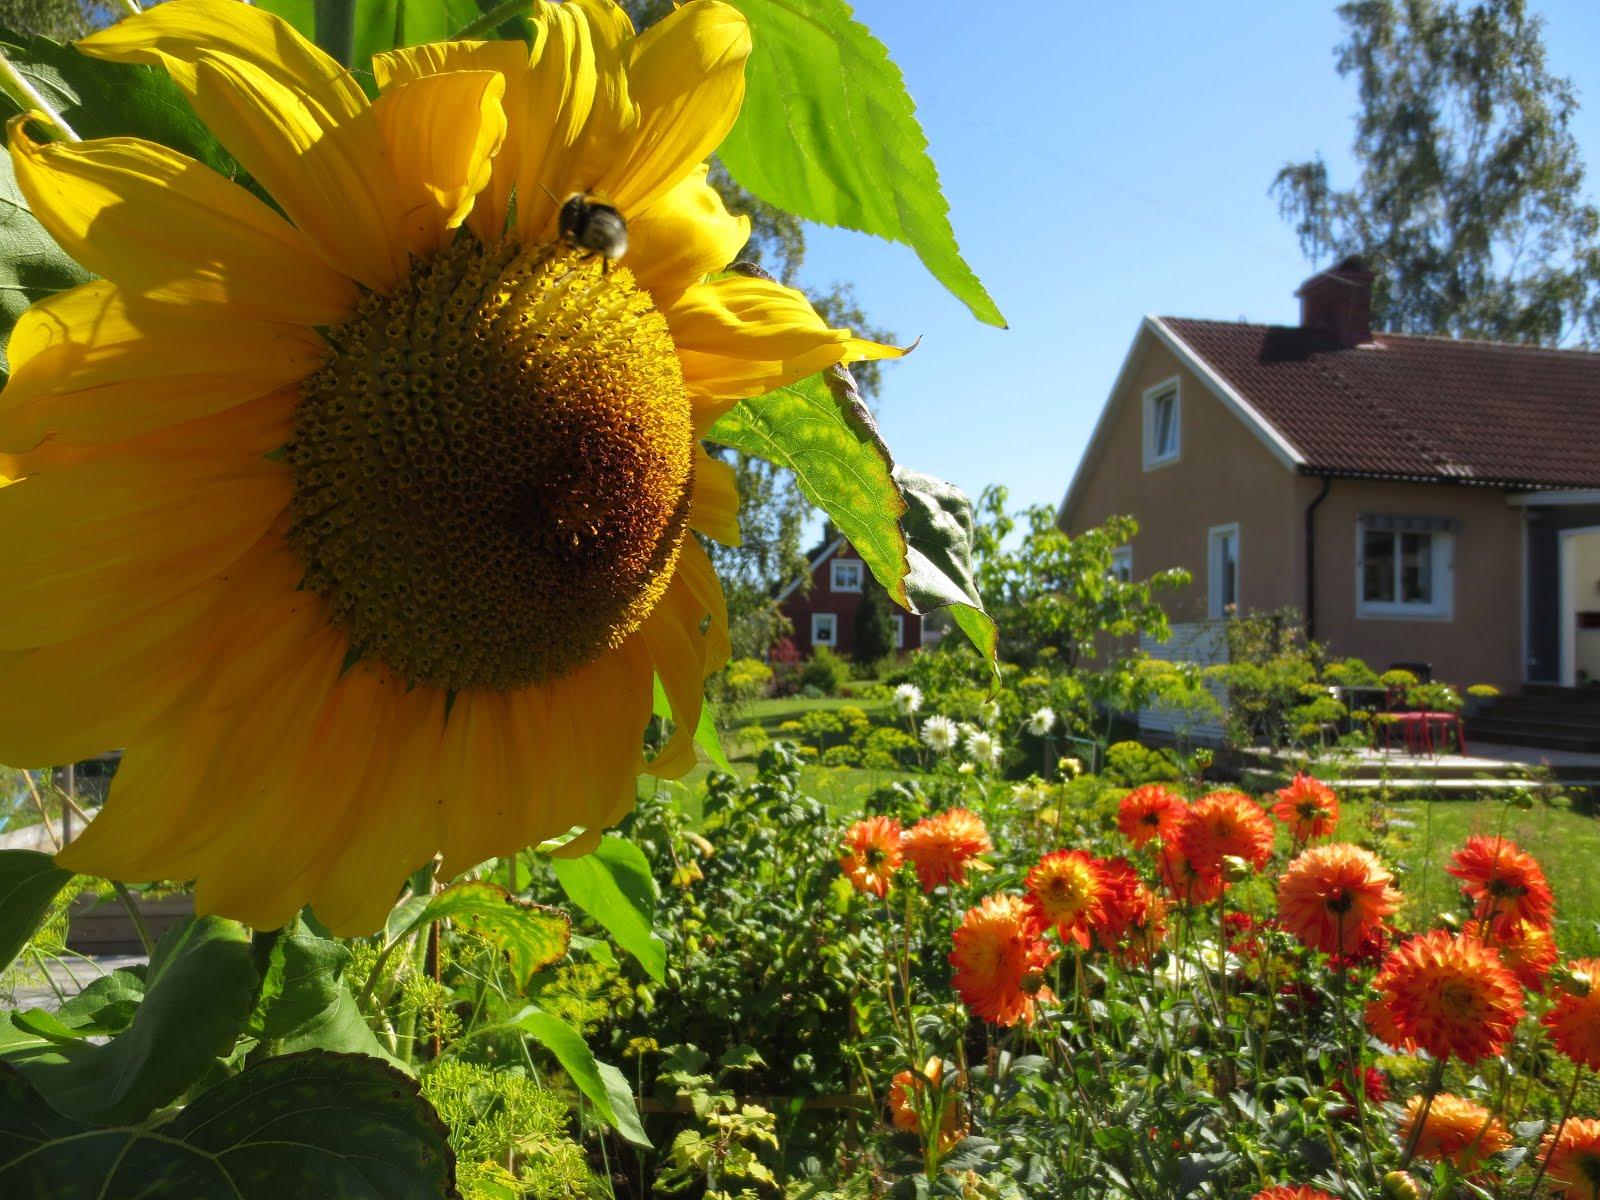 Har sommarblommor och dahlior i trädgårdslandet